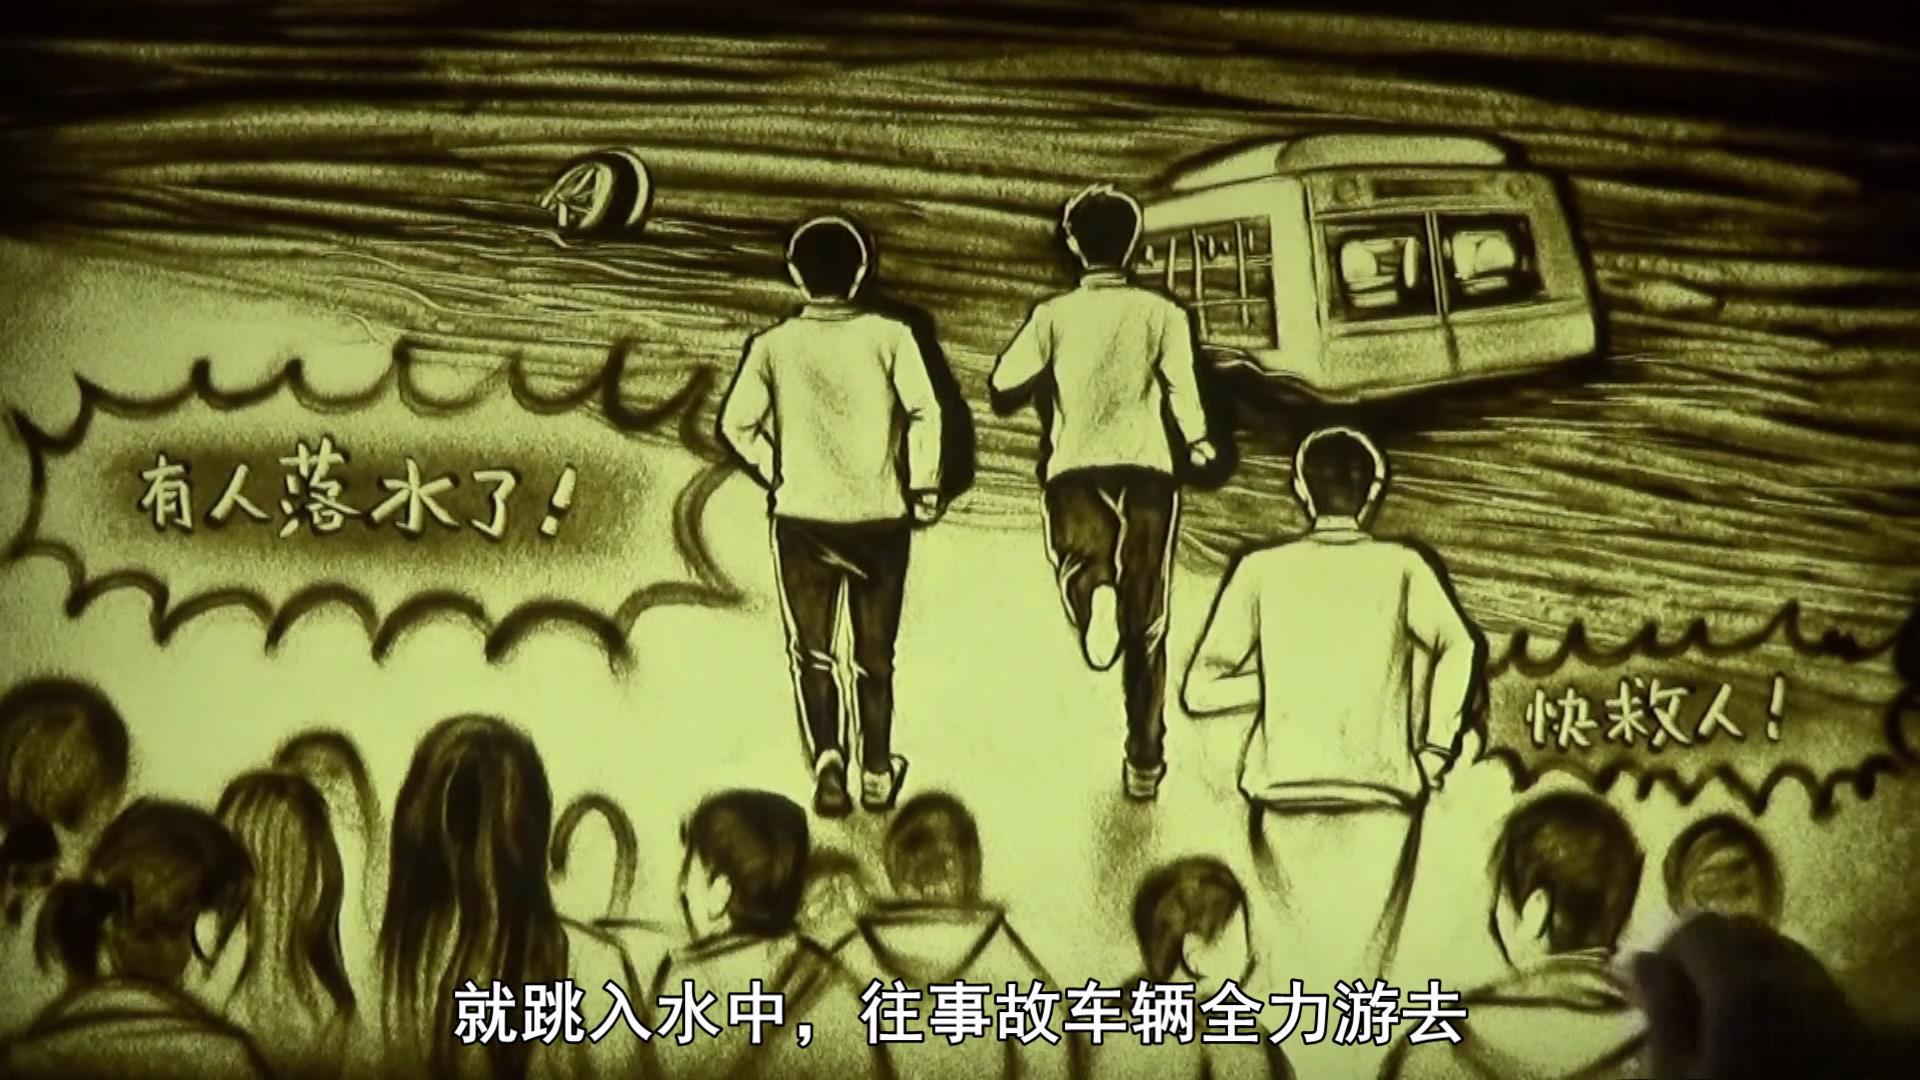 安徽亳州:见义勇为沙画(两车相撞数人坠动静肯定极大河[00_02_14][20190610-102734].jpg